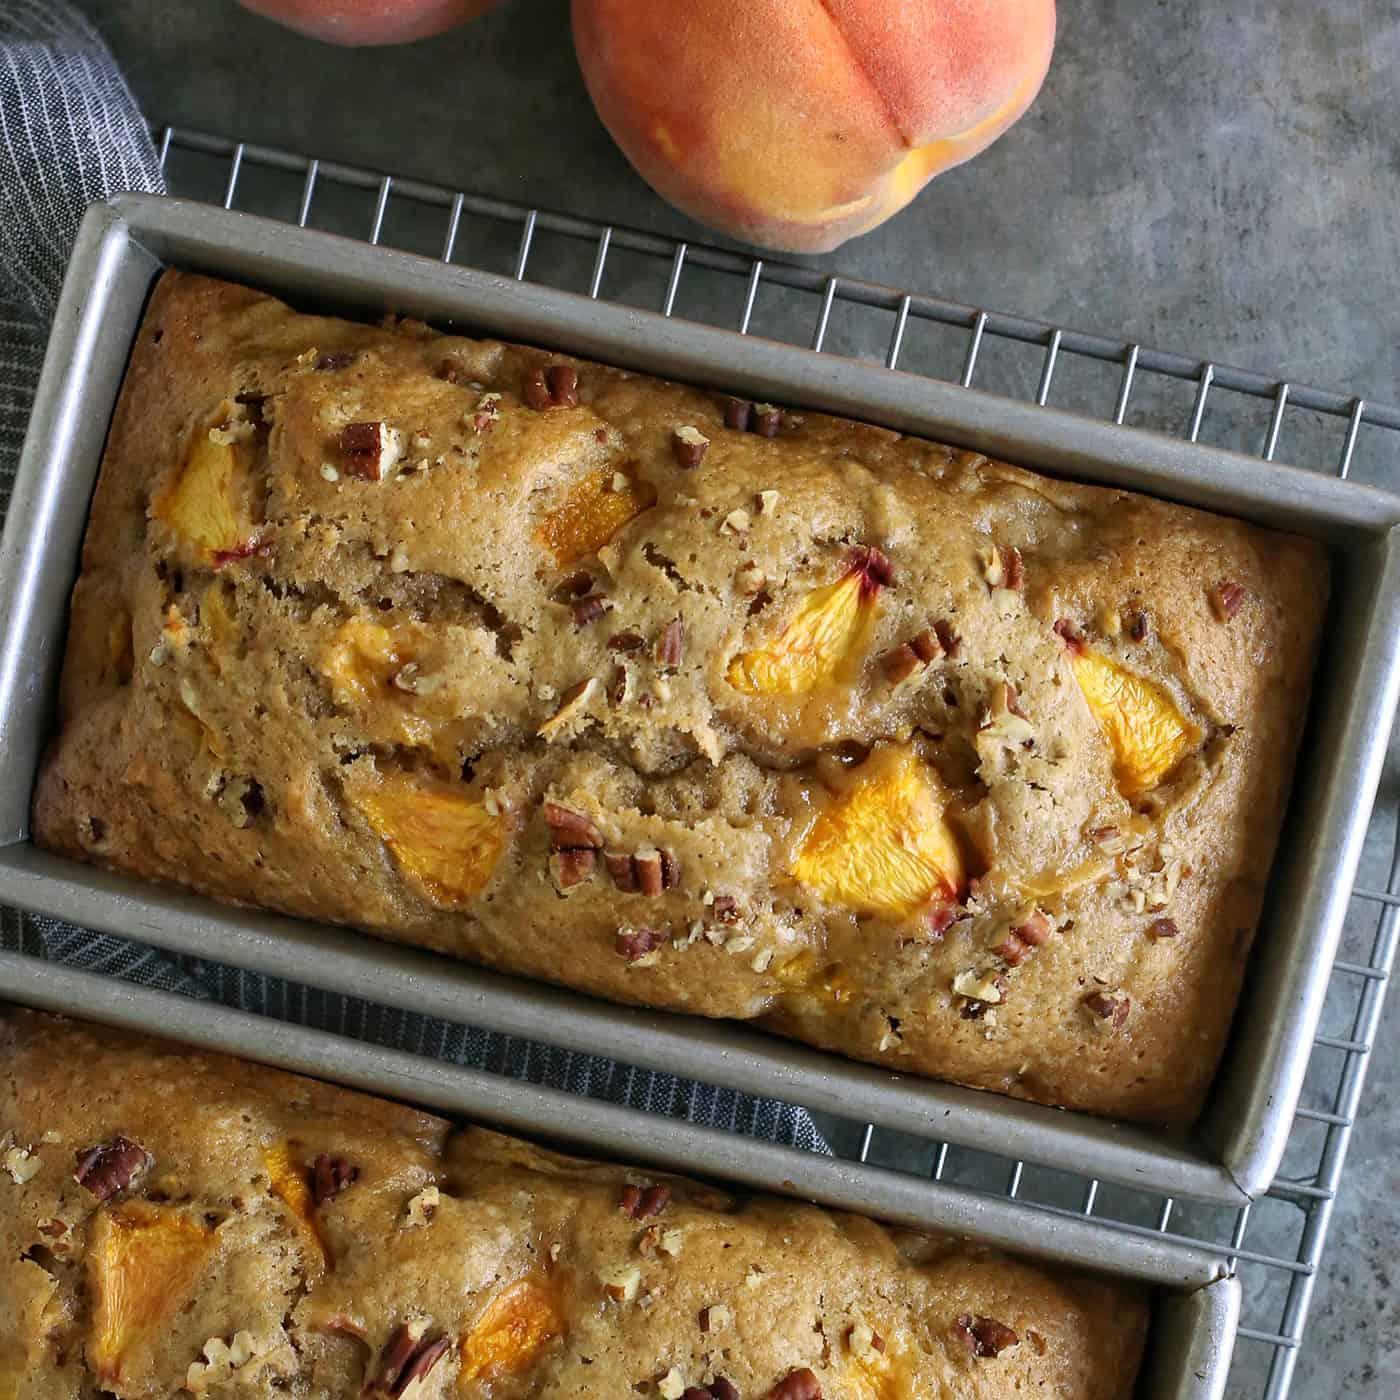 peach bread in baking pans